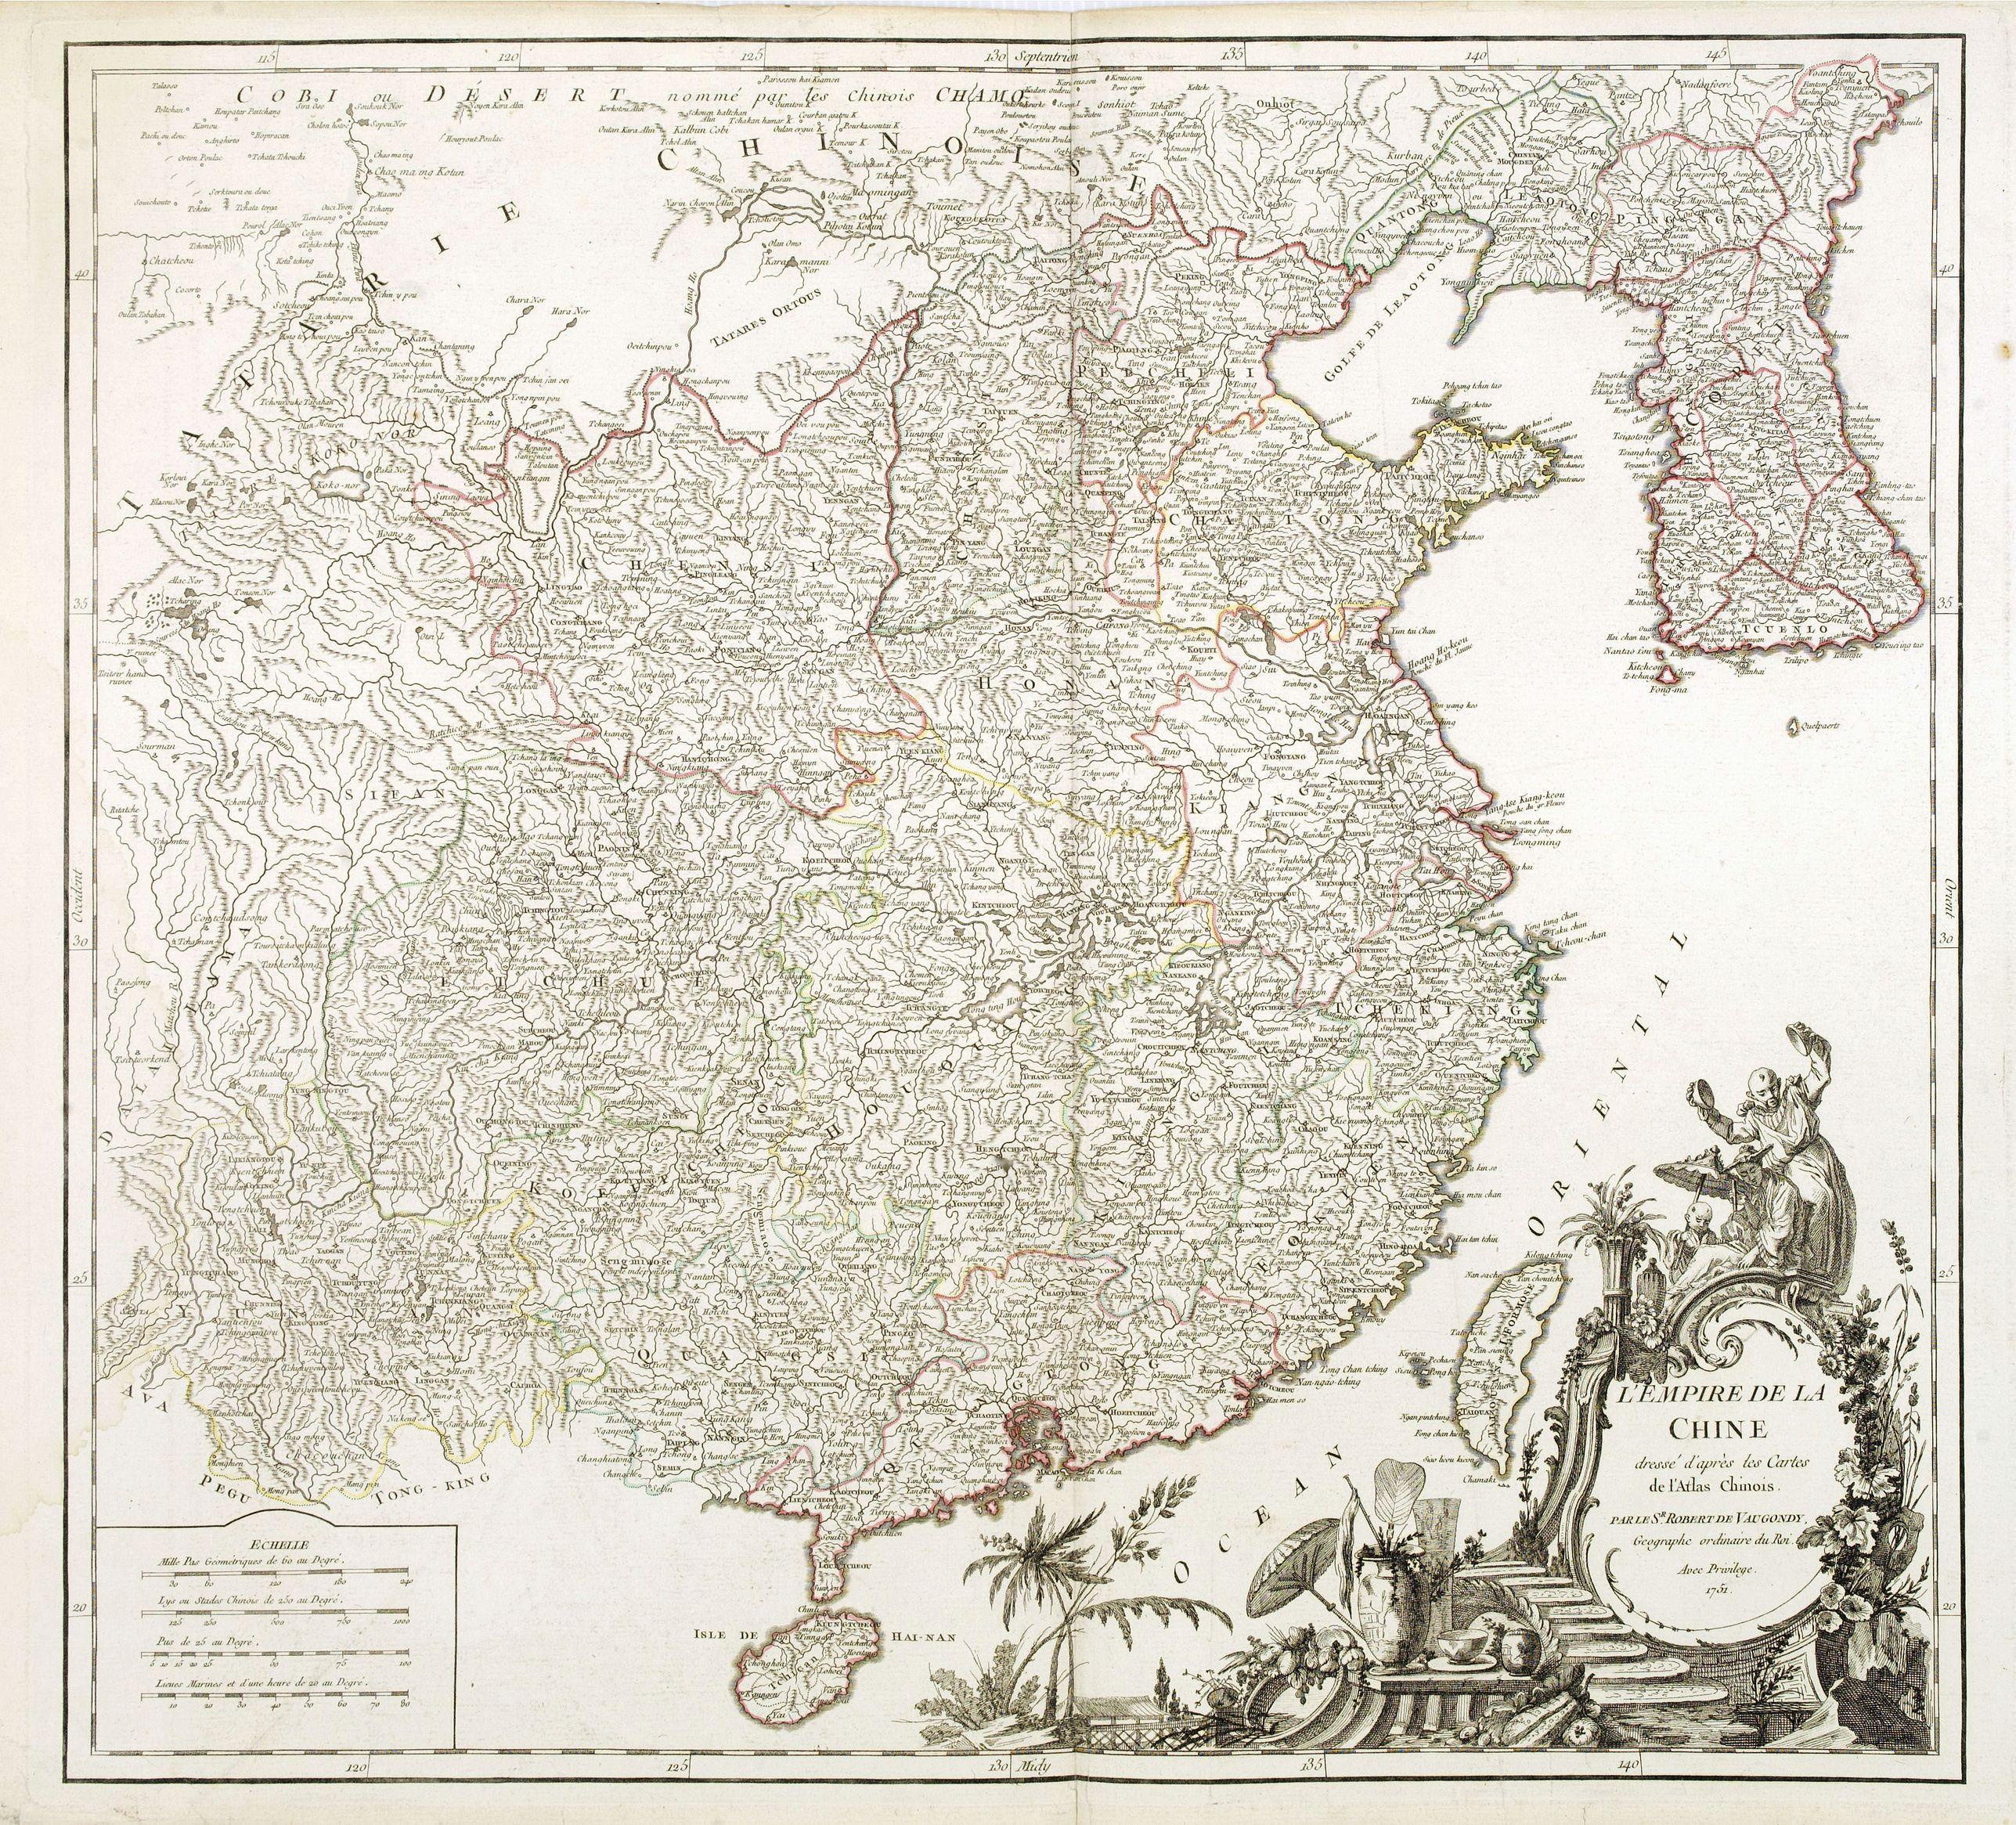 VAUGONDY, R. de -  L'Empire de la Chine dressé d'après les cartes de l'Atlas Chinois..